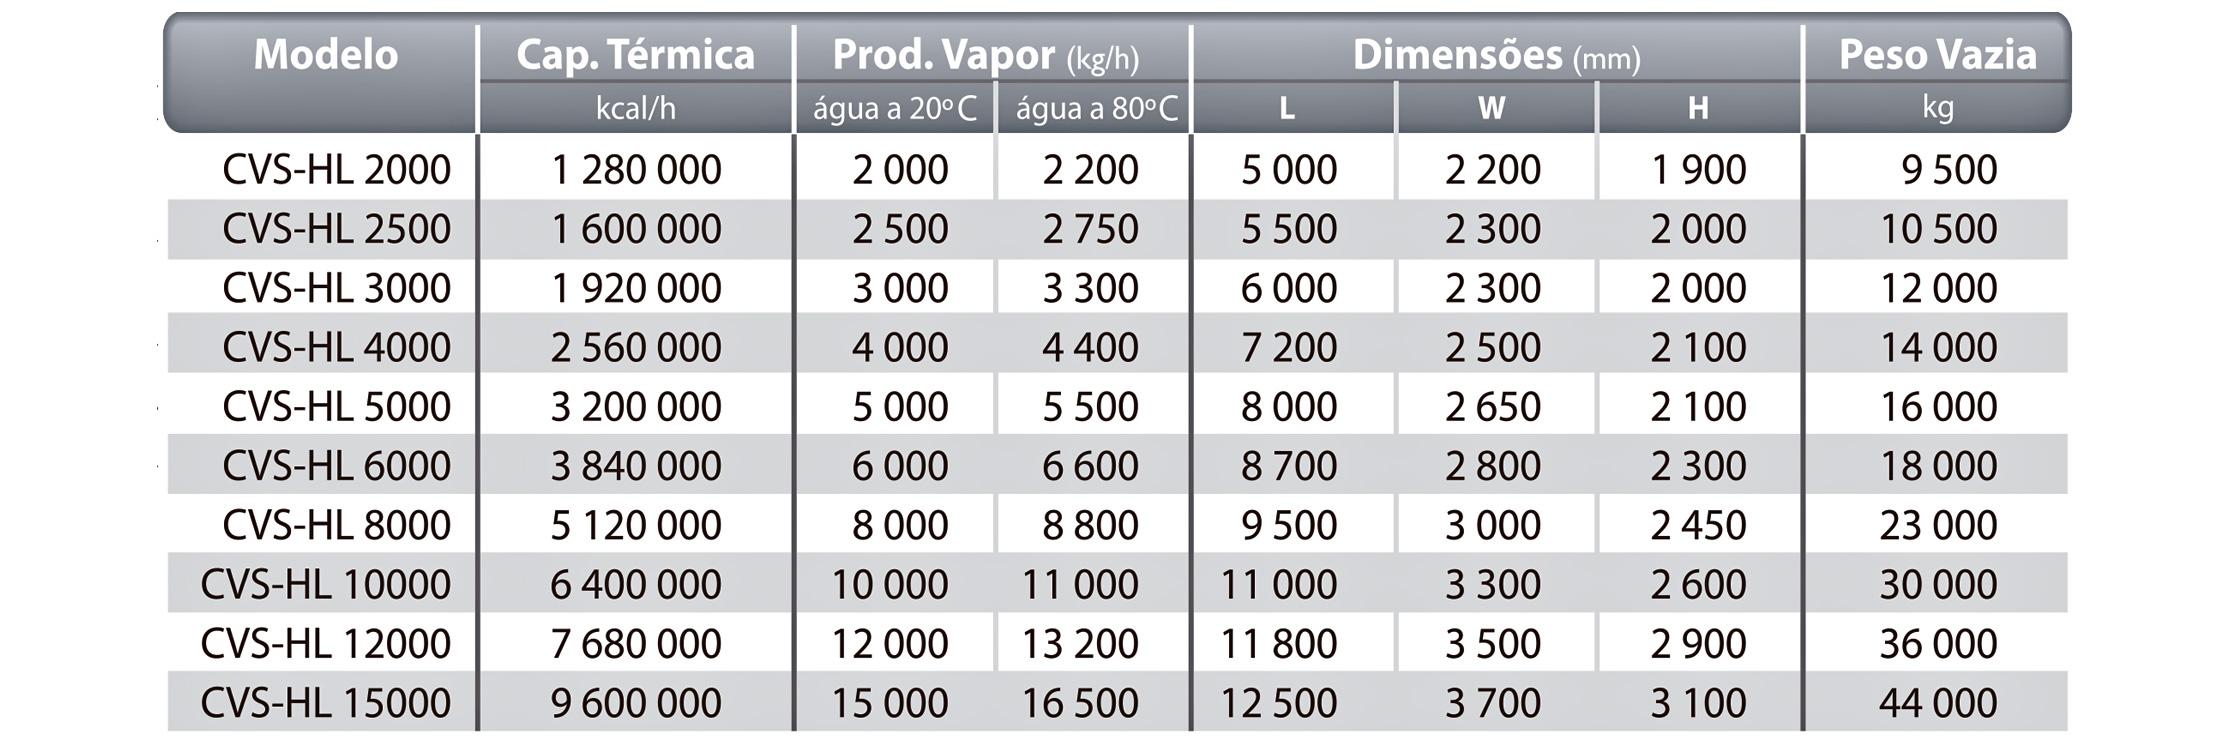 Dados Técnicos CVS-HL Icaterm